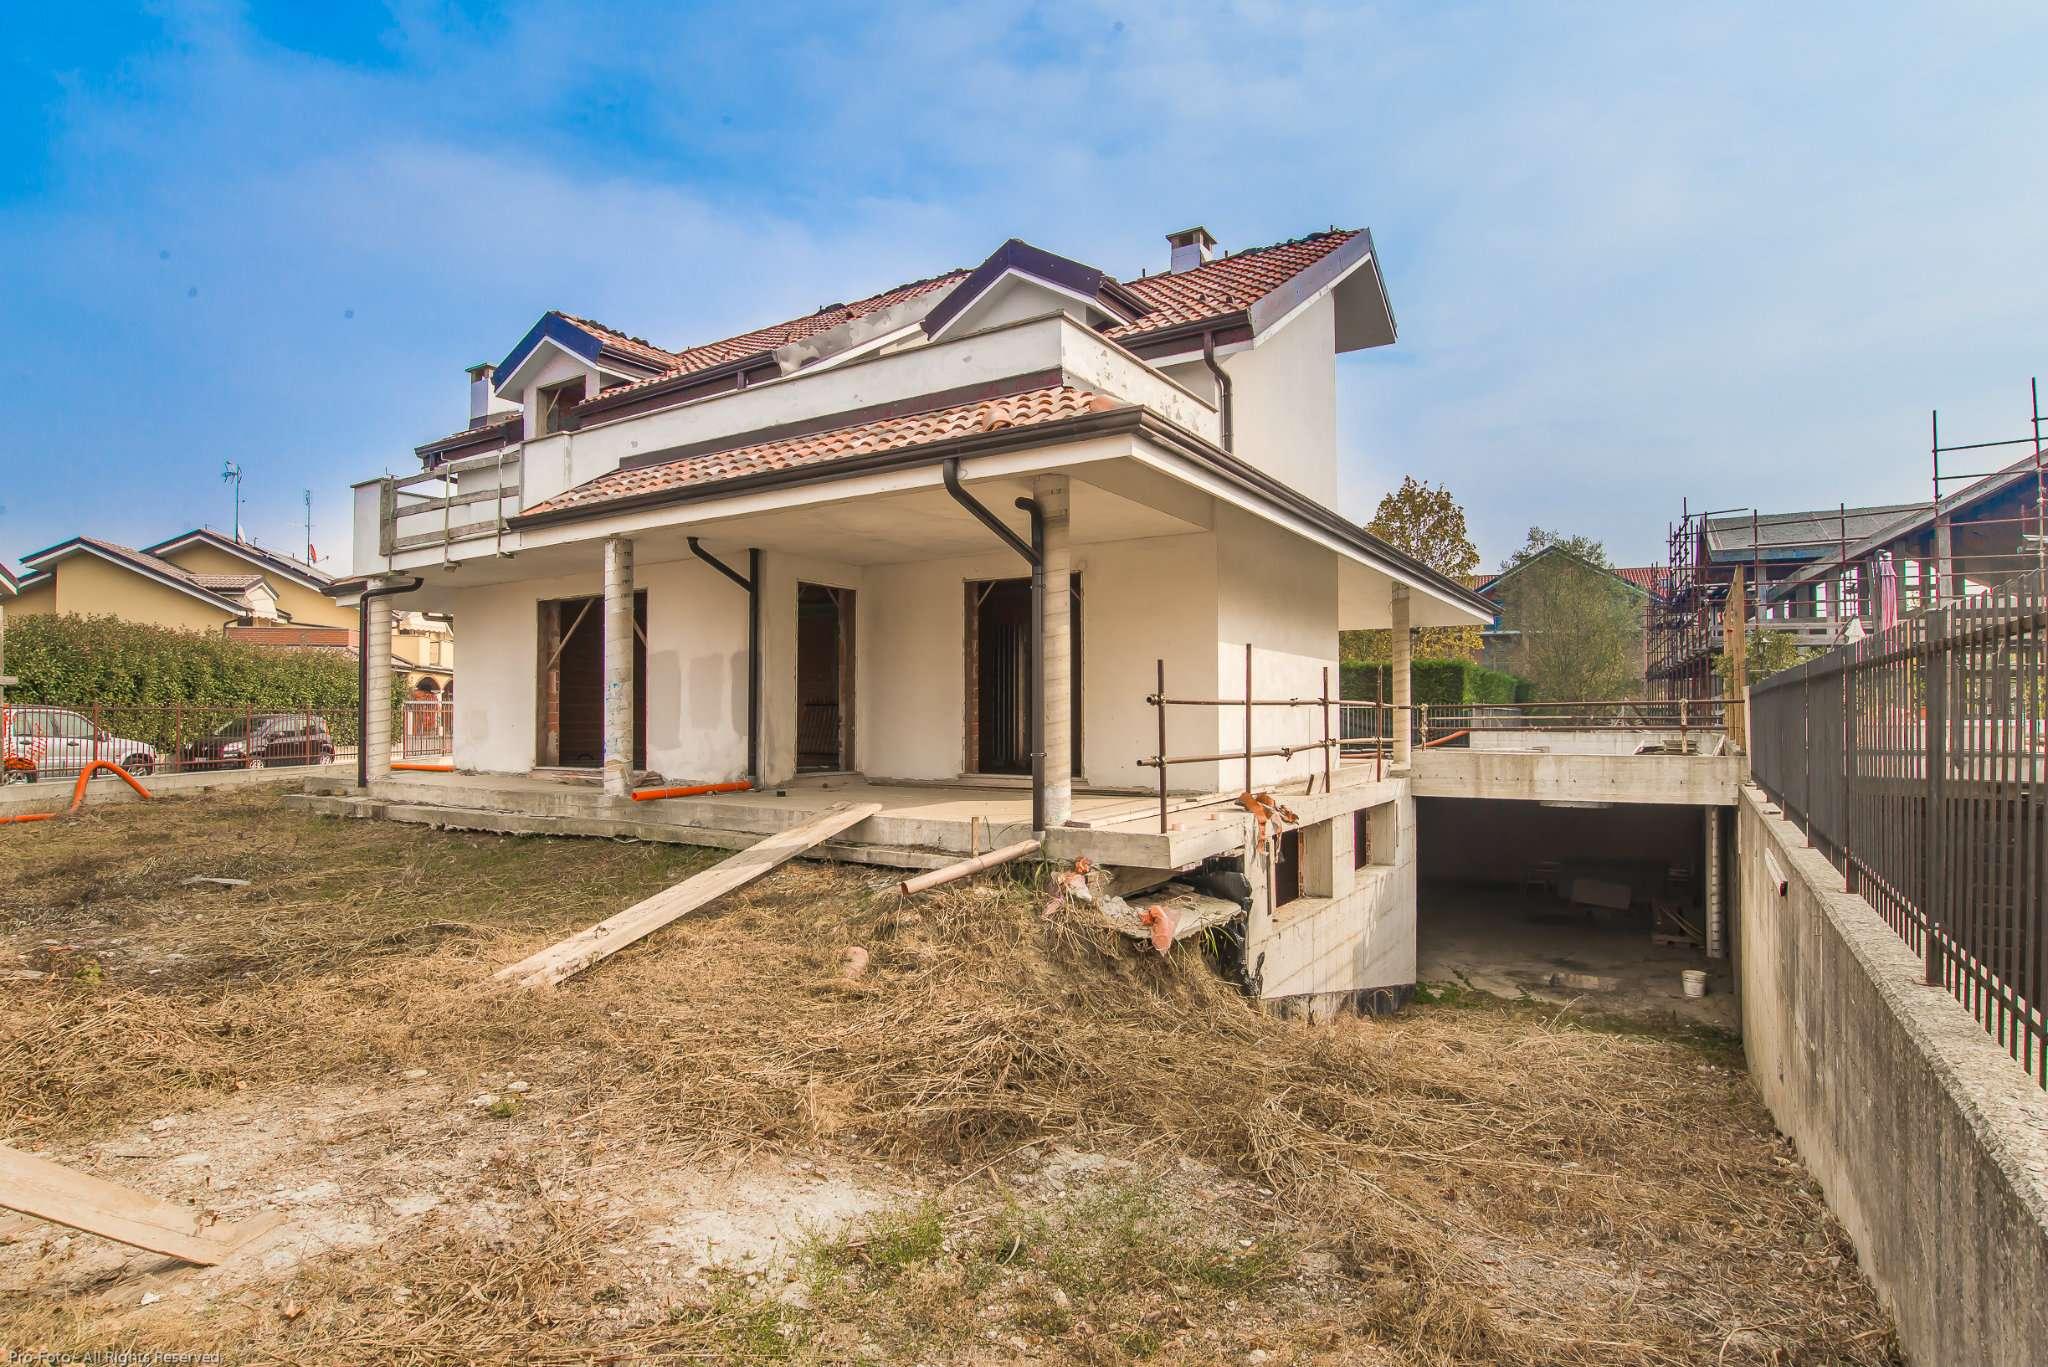 Soluzione Indipendente in vendita a La Loggia, 4 locali, prezzo € 339.000 | CambioCasa.it